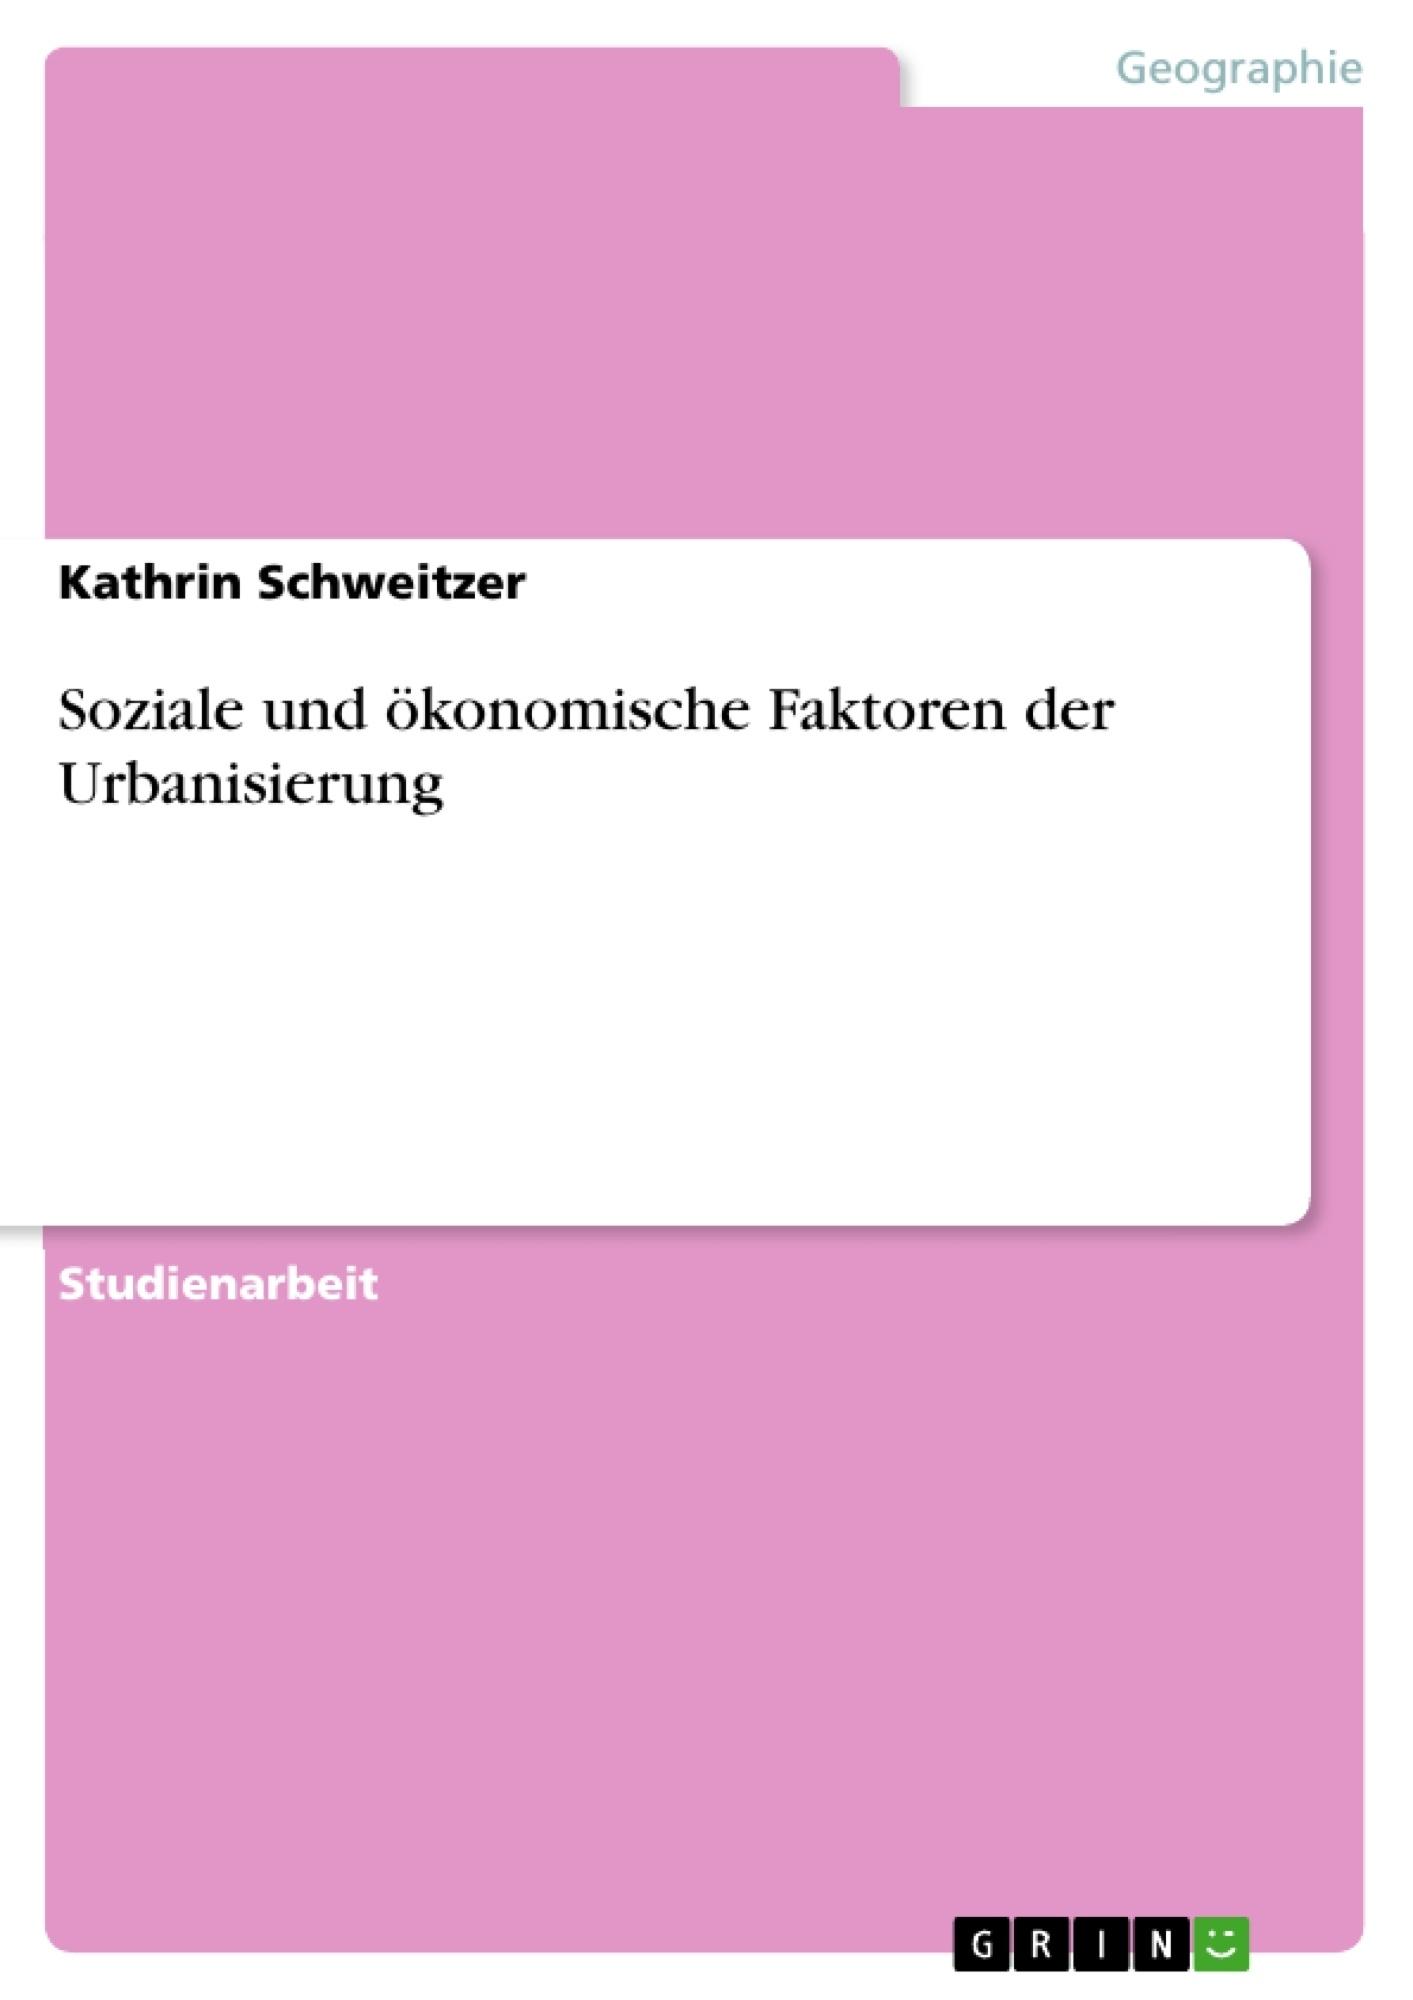 Titel: Soziale und ökonomische Faktoren der Urbanisierung